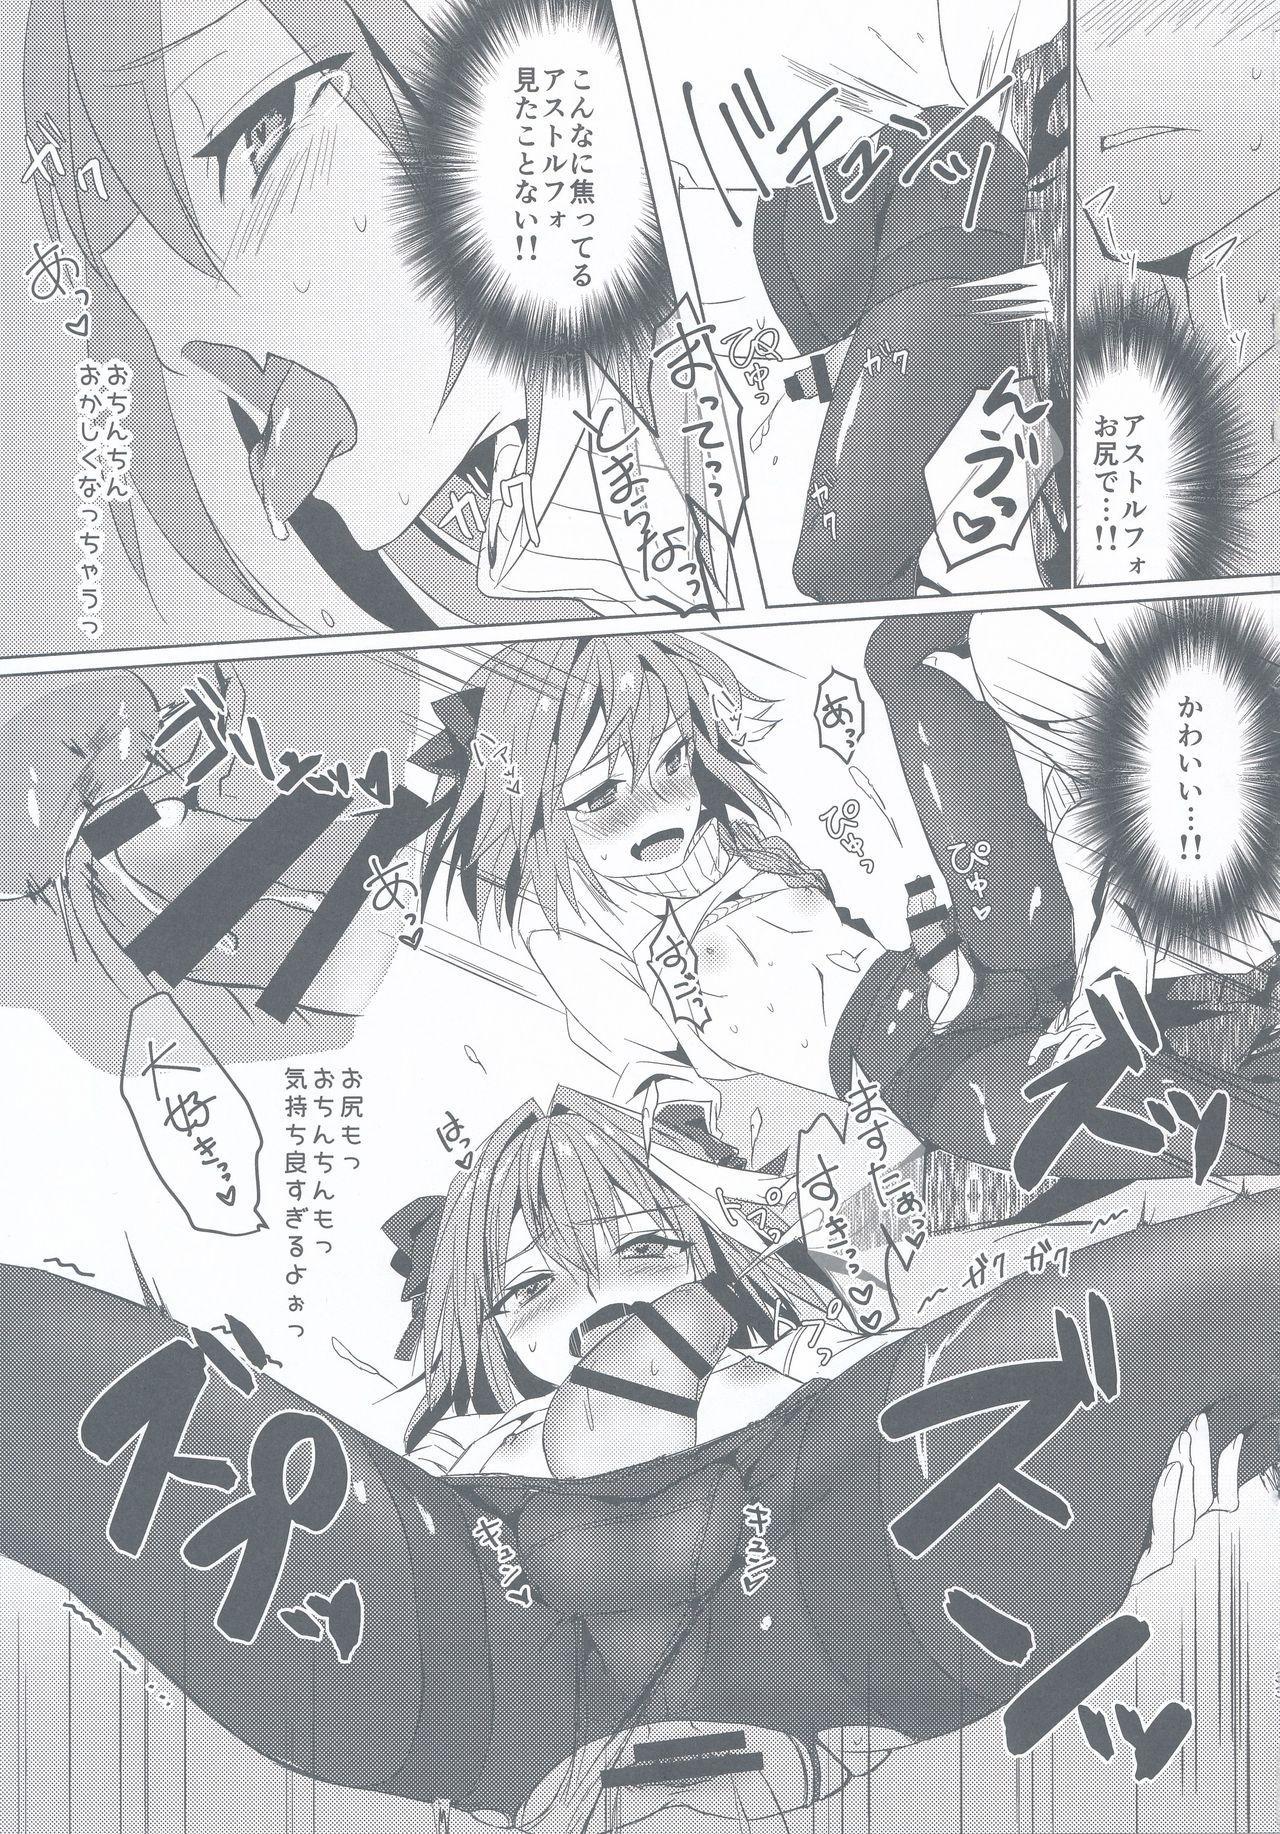 Astolfo-kun to Nenmatsu ni Ichaicha Sugosu Hon 32